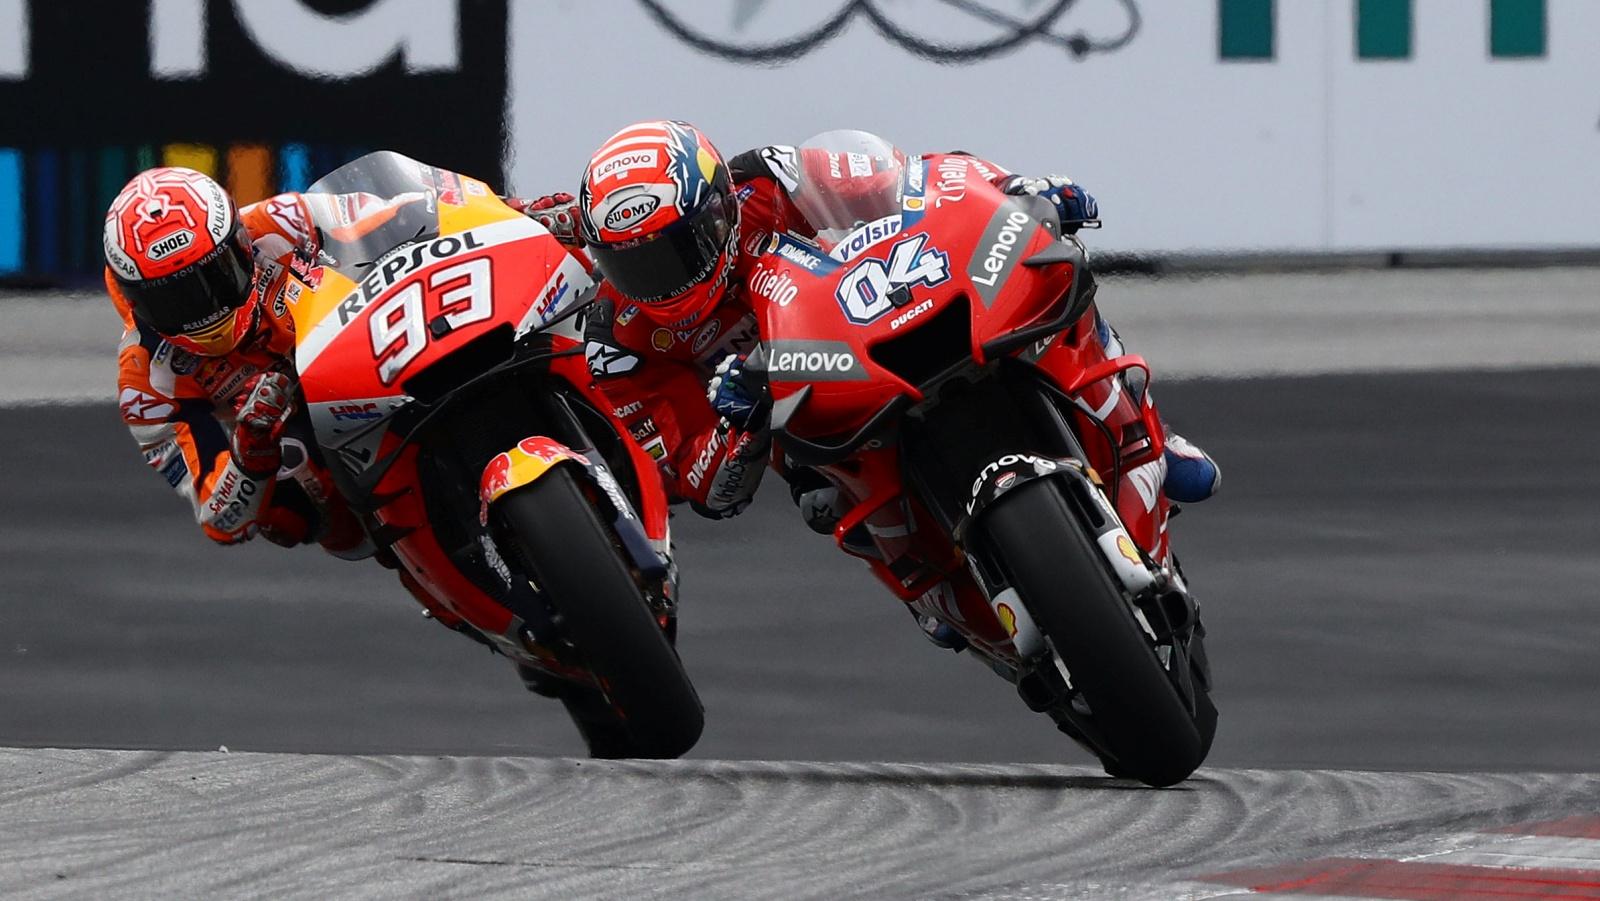 Píldoras MotoGP Austria 2019: Punto de reinicio, otro Márquez, el último block y viejos rockeros